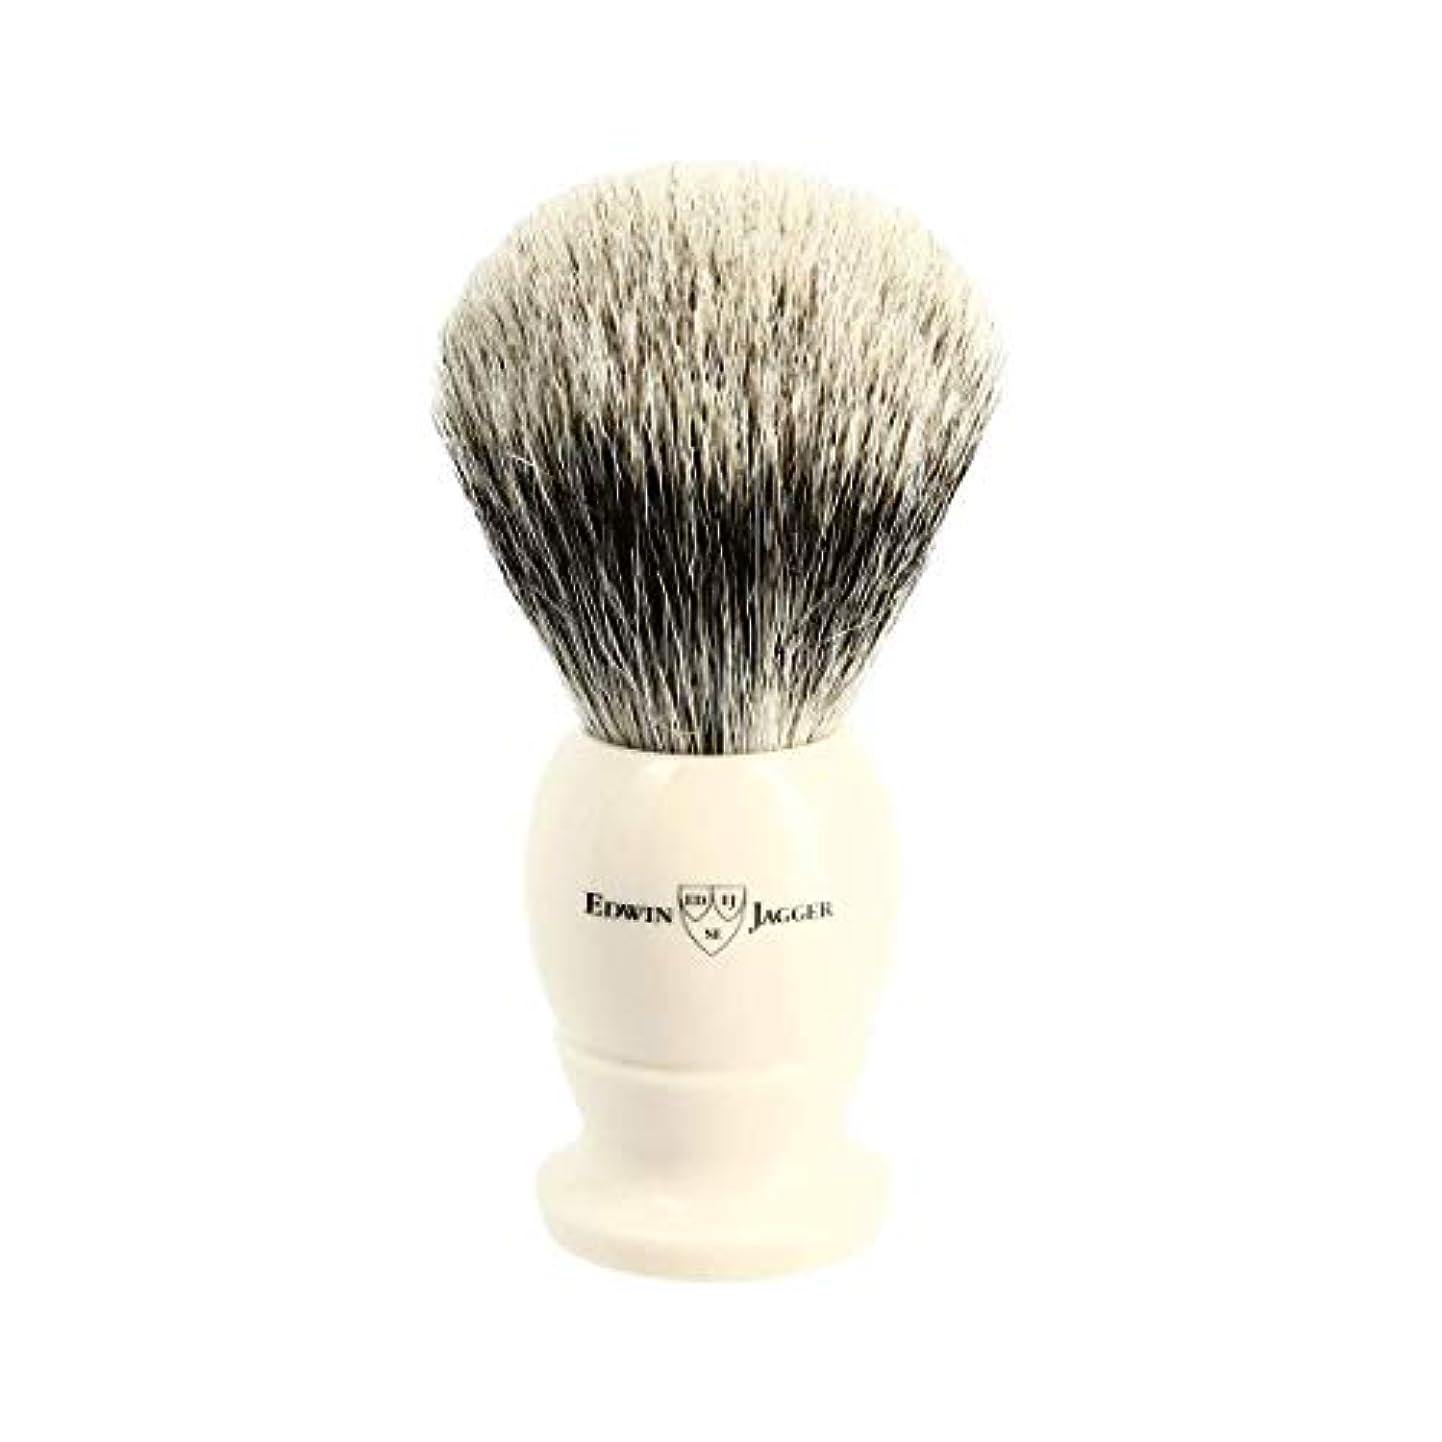 定刻明快引き算エドウィンジャガー アイボリー ベストバッジャーアナグマ毛 シェービングブラシ大3EJ877[海外直送品]Edwin Jagger Ivory Best Badger Shaving Brush Large 3EJ877...